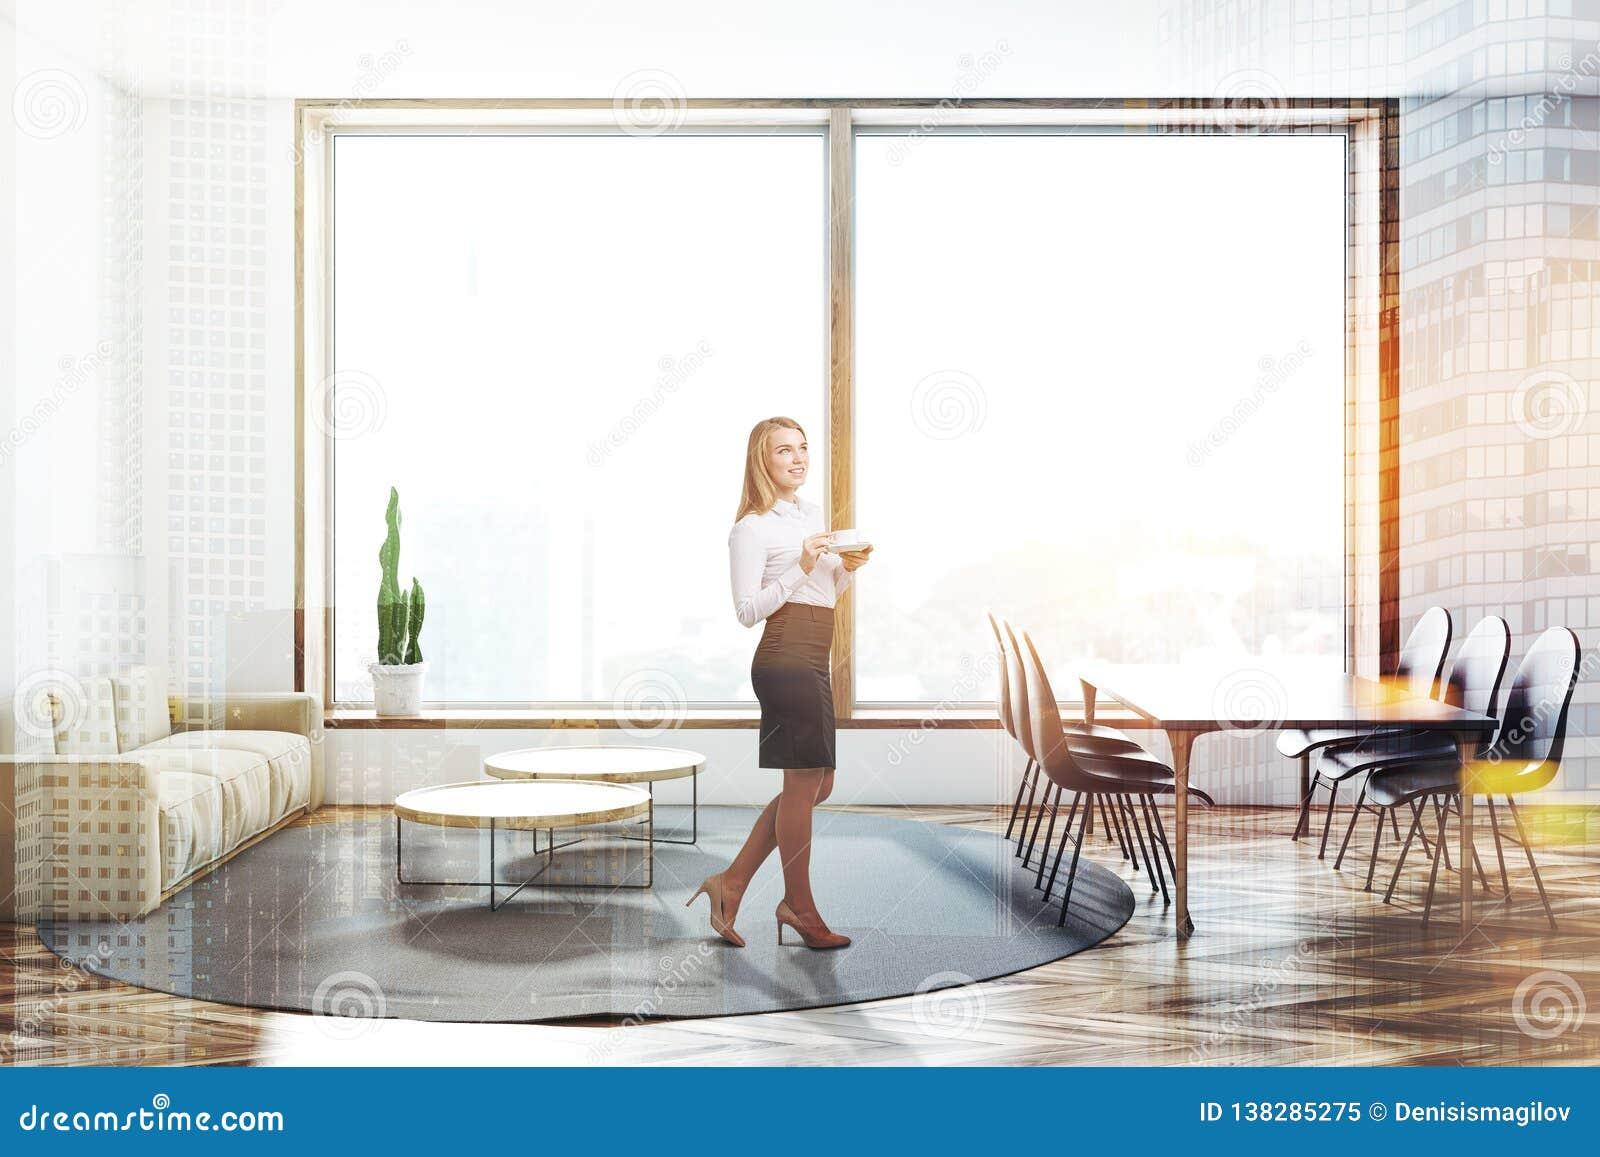 Image Blanc Image stock Salle à du Salon Et MangerFemme DH29IEW